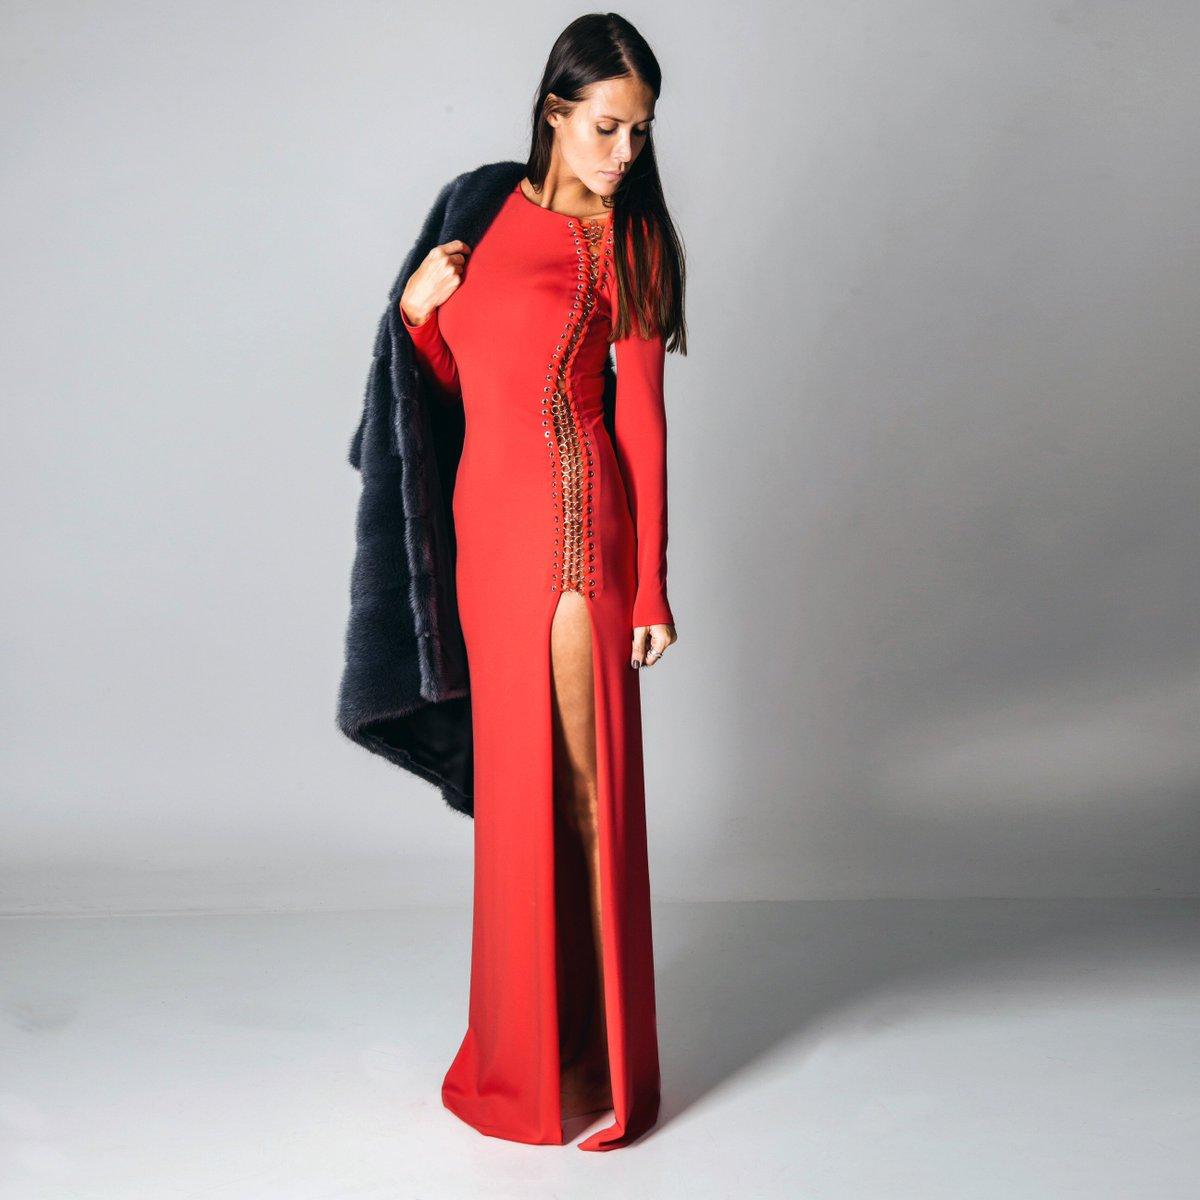 На модели – платье @EmiolioPucci, шуба Simonette Ravizza. Купить онлайн: https://t.co/C2X0K2qLmw https://t.co/71fXVeTS2e